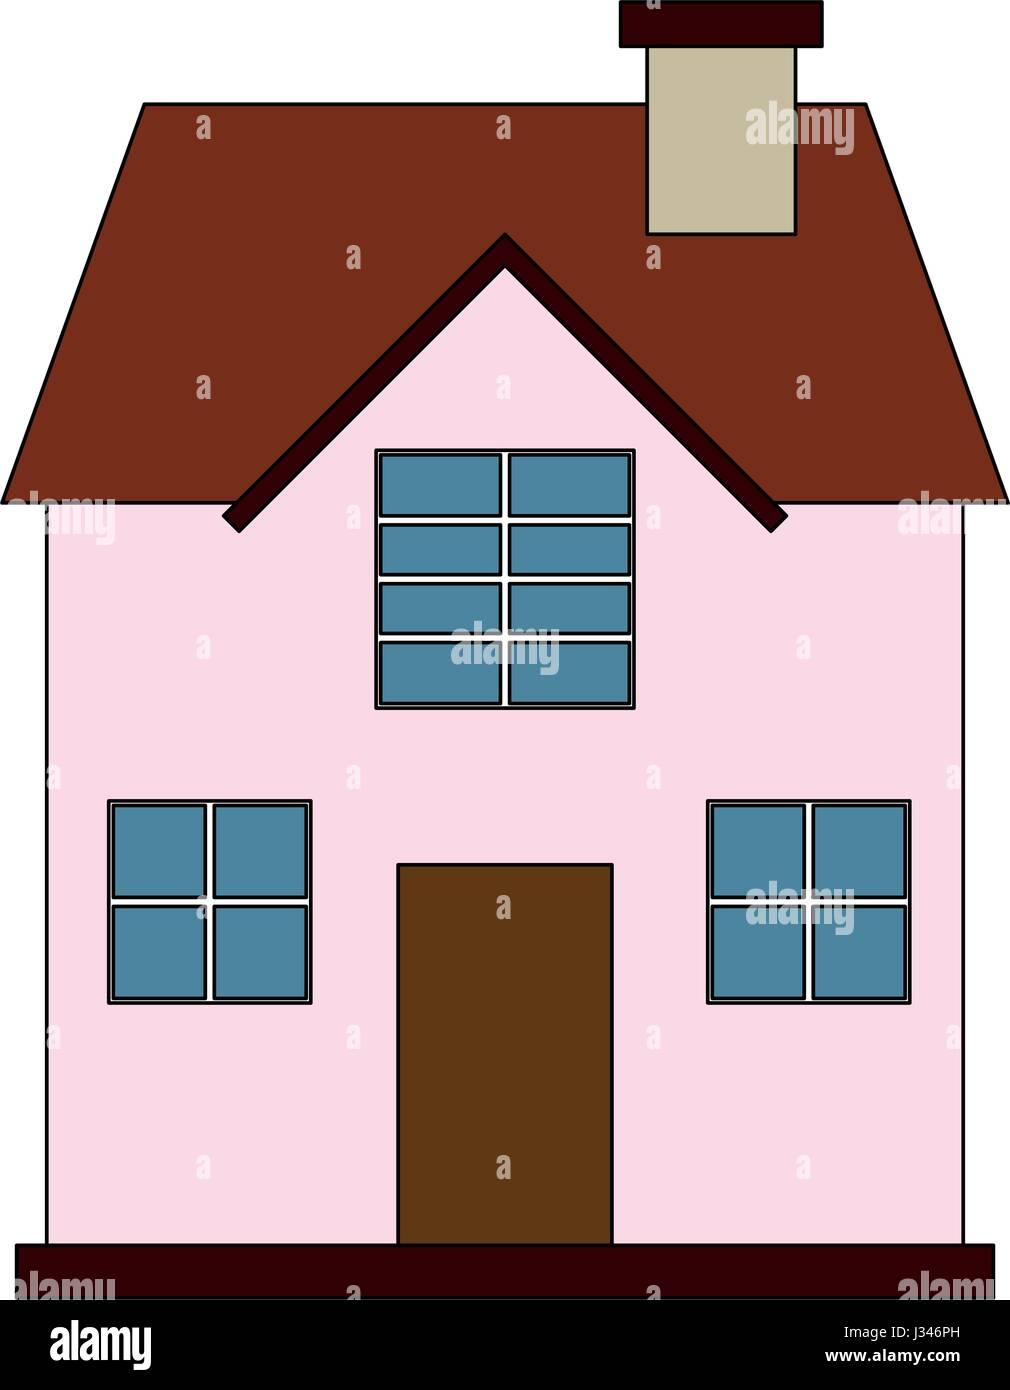 Fachada De Dibujos Animados Imagen Color Cómoda Casa De Dos Pisos